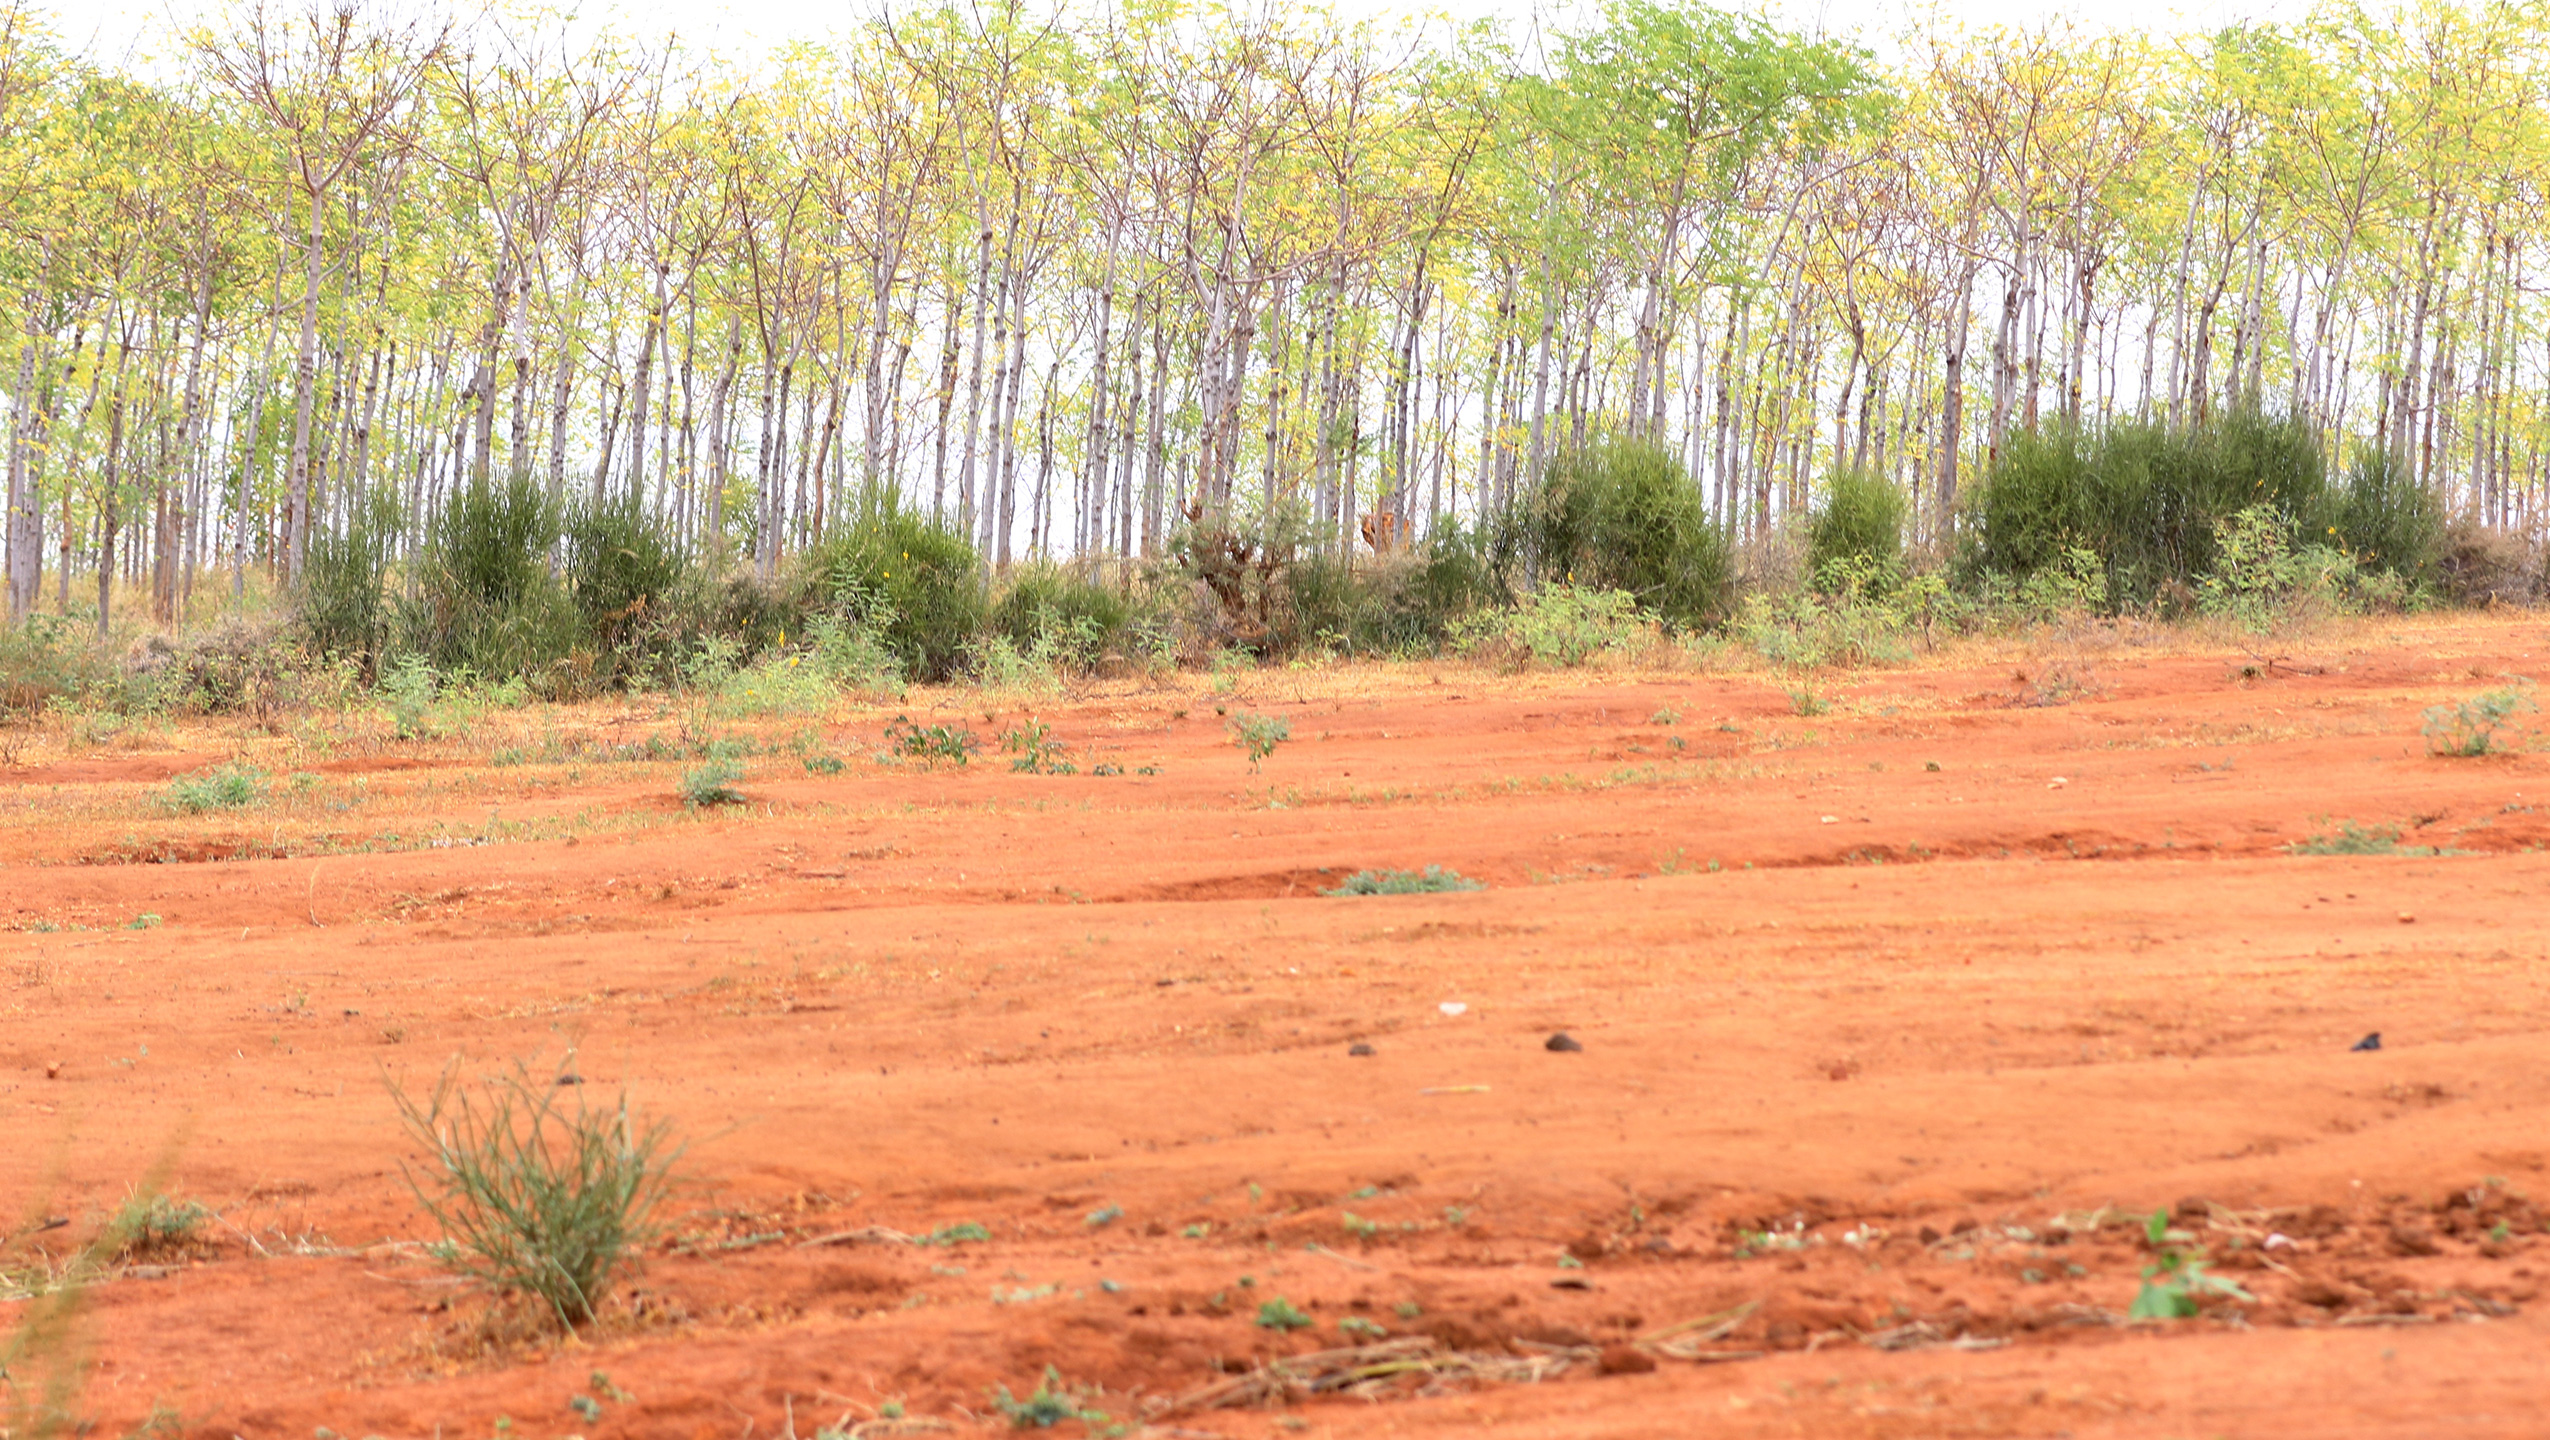 Planting af træer i semiørkenen